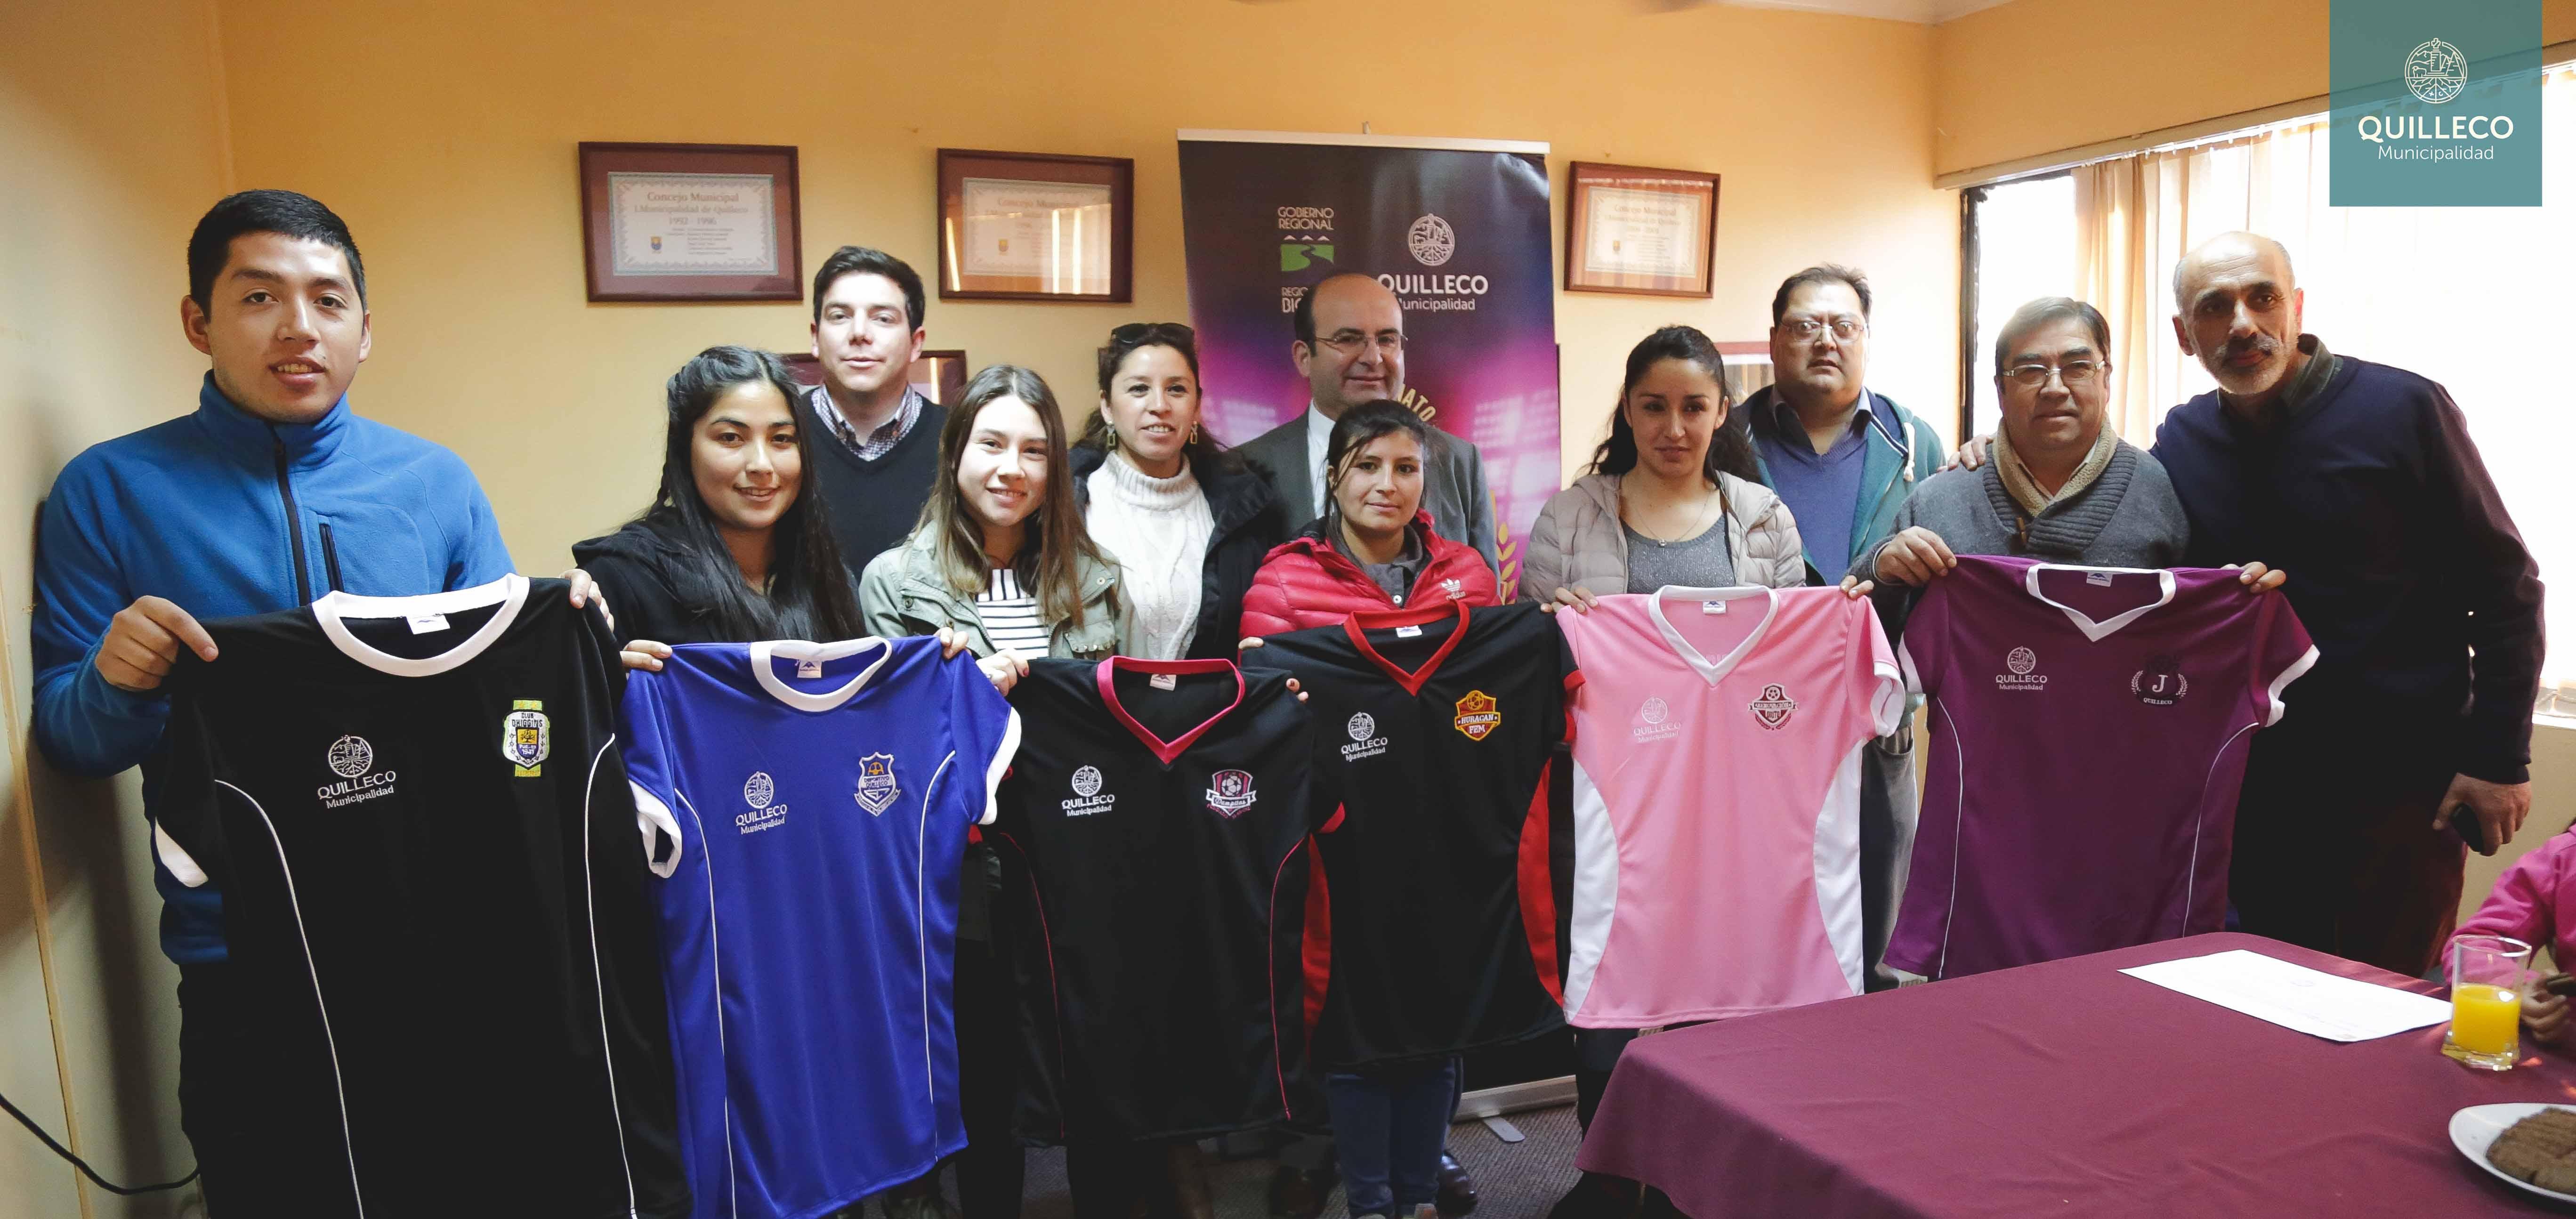 Entrega de equipamiento deportivo a los equipos que participaron del 1er Campeonato de Futbolito Damas.